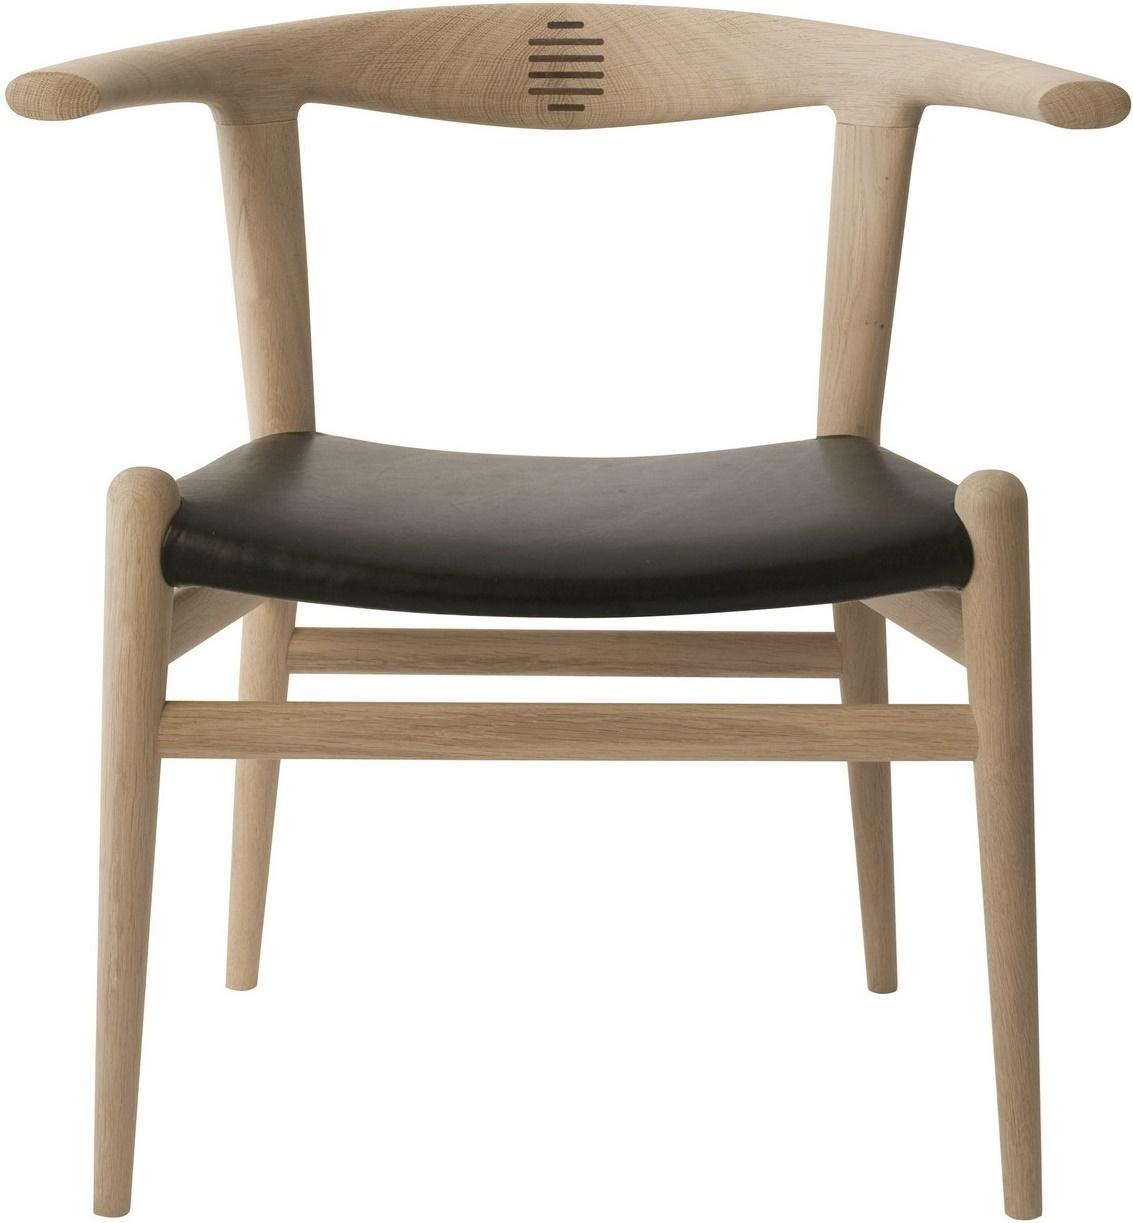 sessel danish design cult living hans j wegner ch. Black Bedroom Furniture Sets. Home Design Ideas